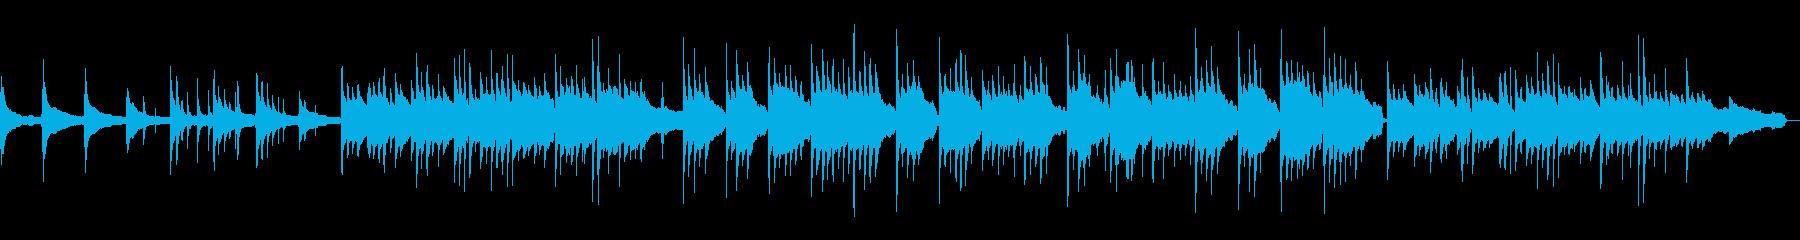 しっとり落ち着いたピアノ曲の再生済みの波形